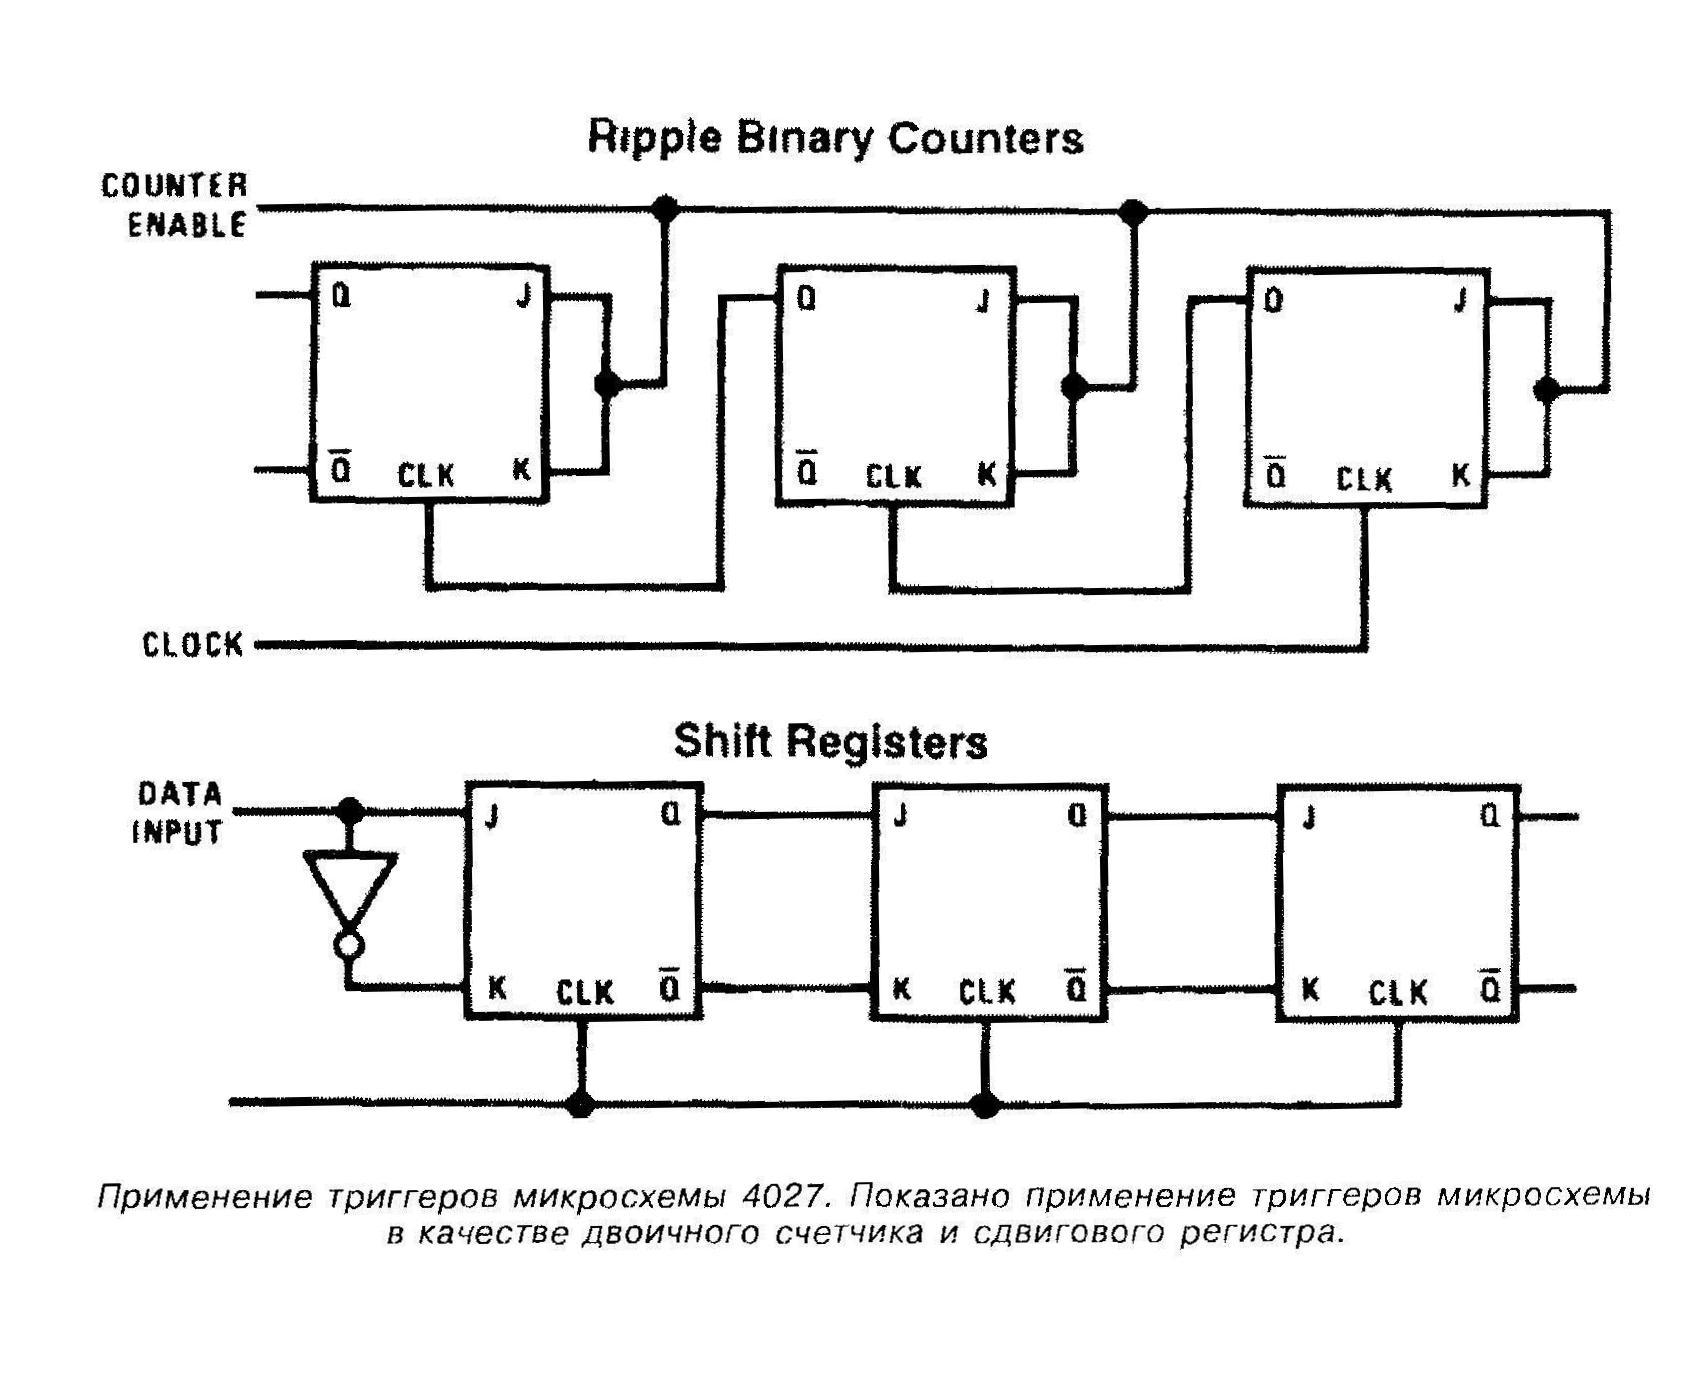 Применение микросхемы 4027 в качестве двоичного счётчика и сдвигового регистра